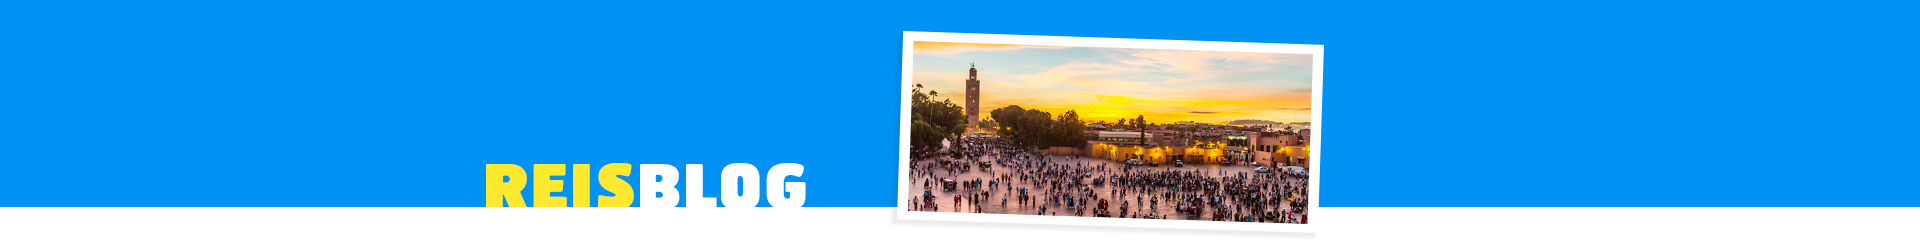 Centrum in Marrakech